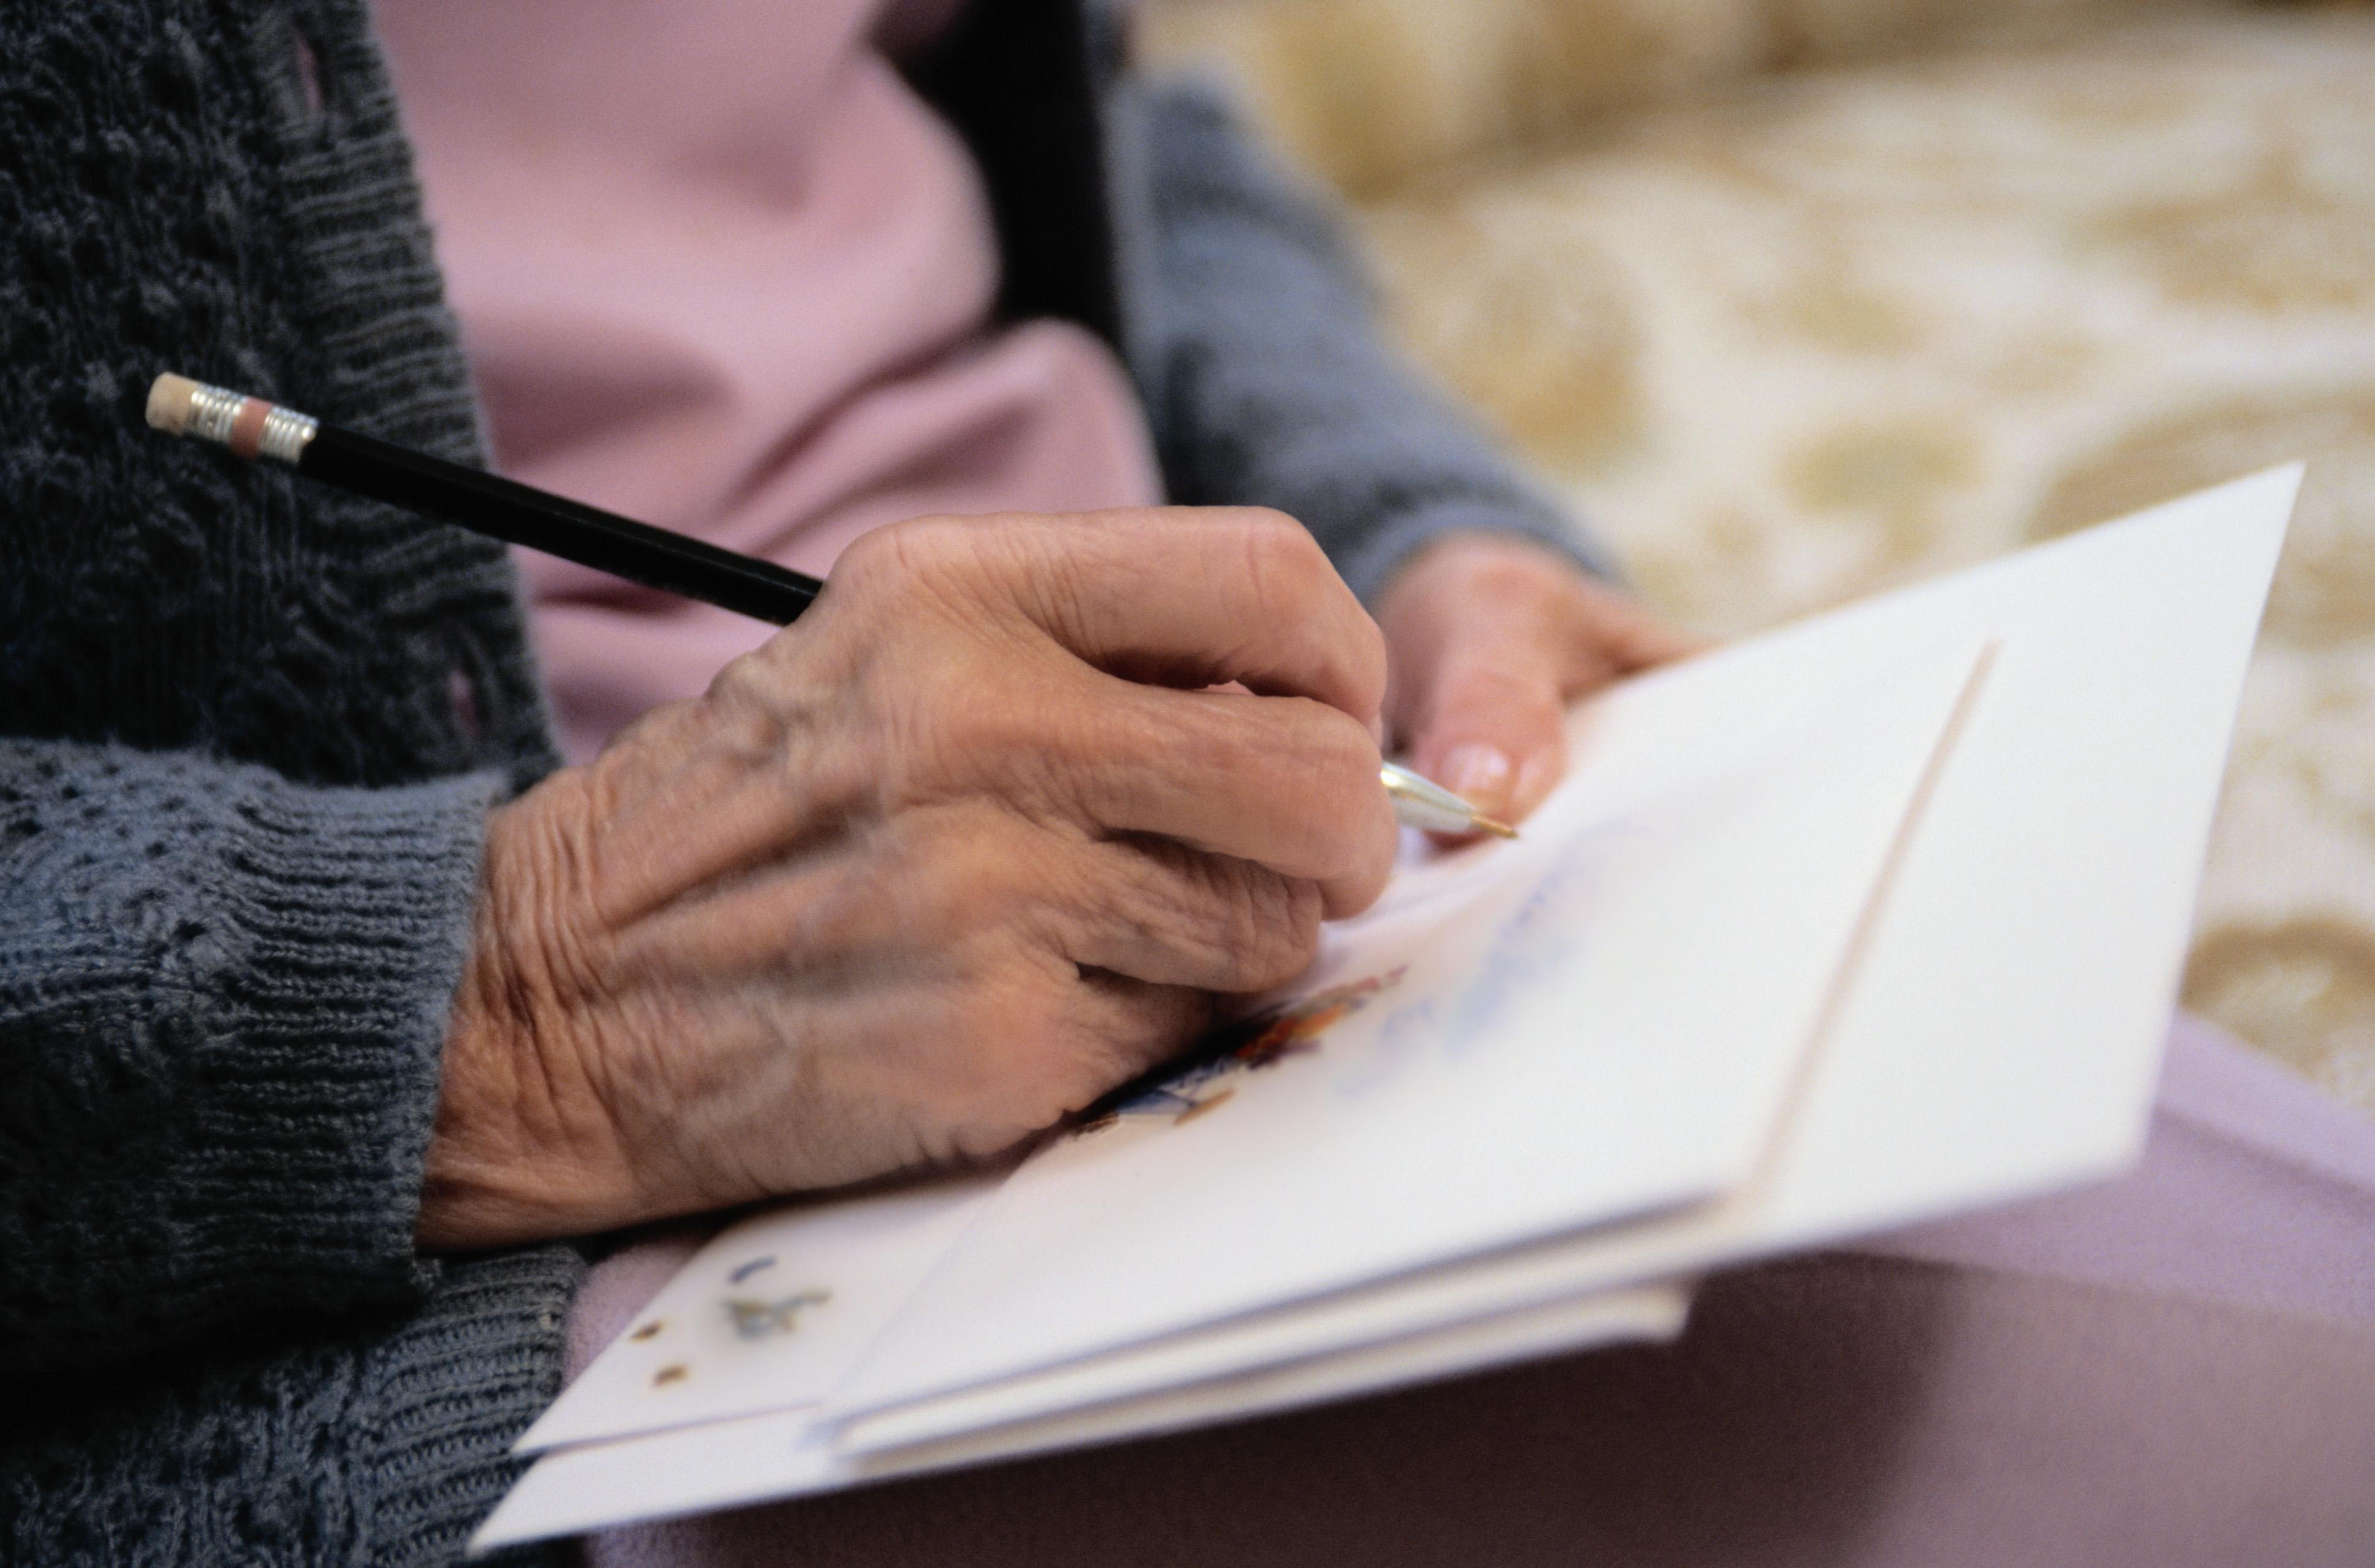 El 10% de los ancianos sufre problemas físicos o psíquicos graves a causa de la soledad